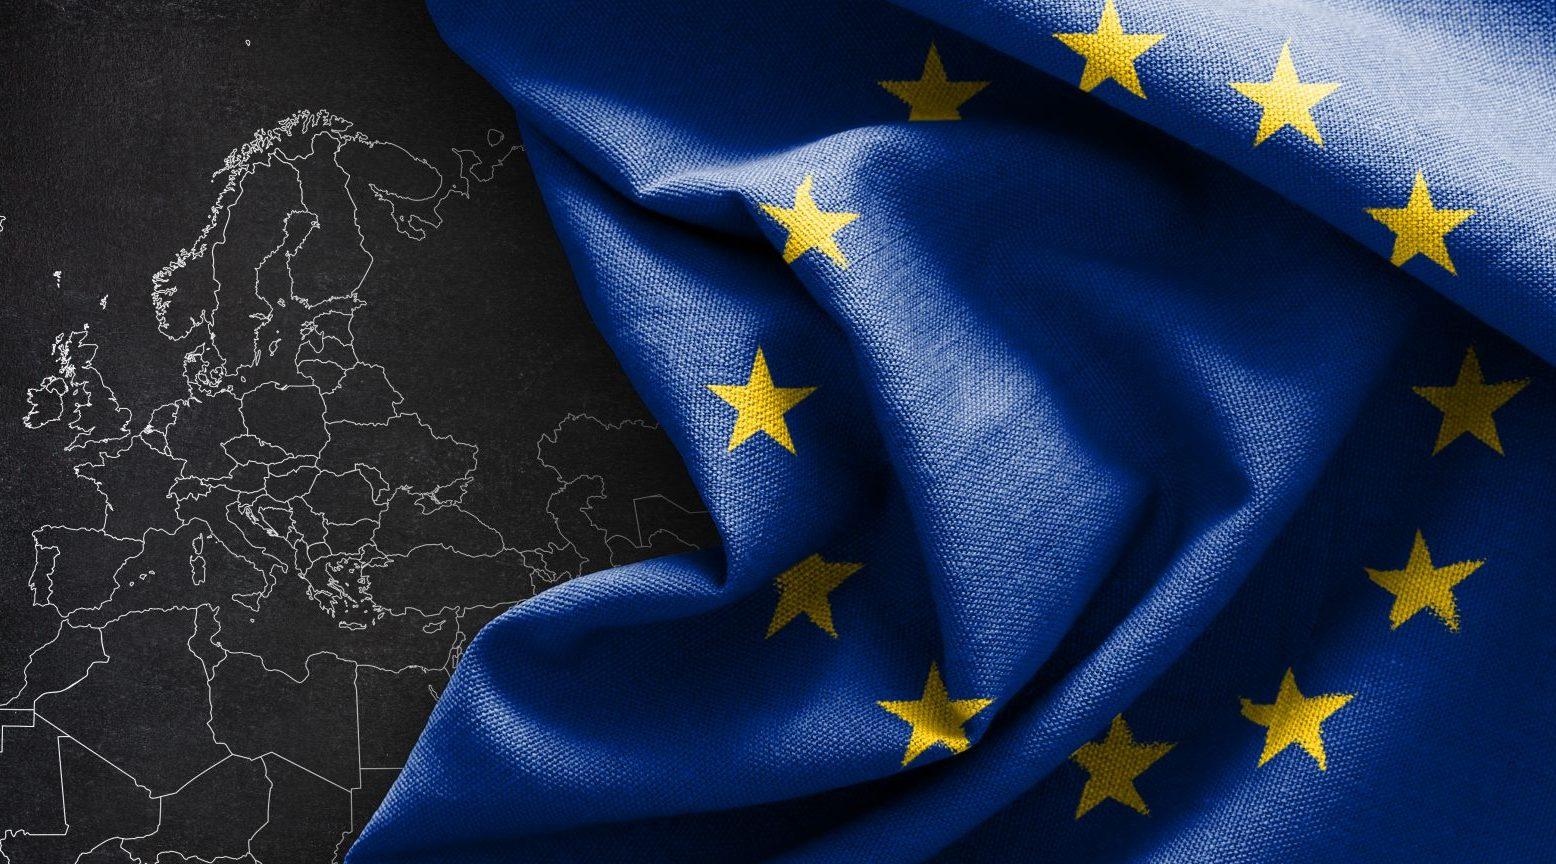 27 Stimmen für Europa - Reporter.lu